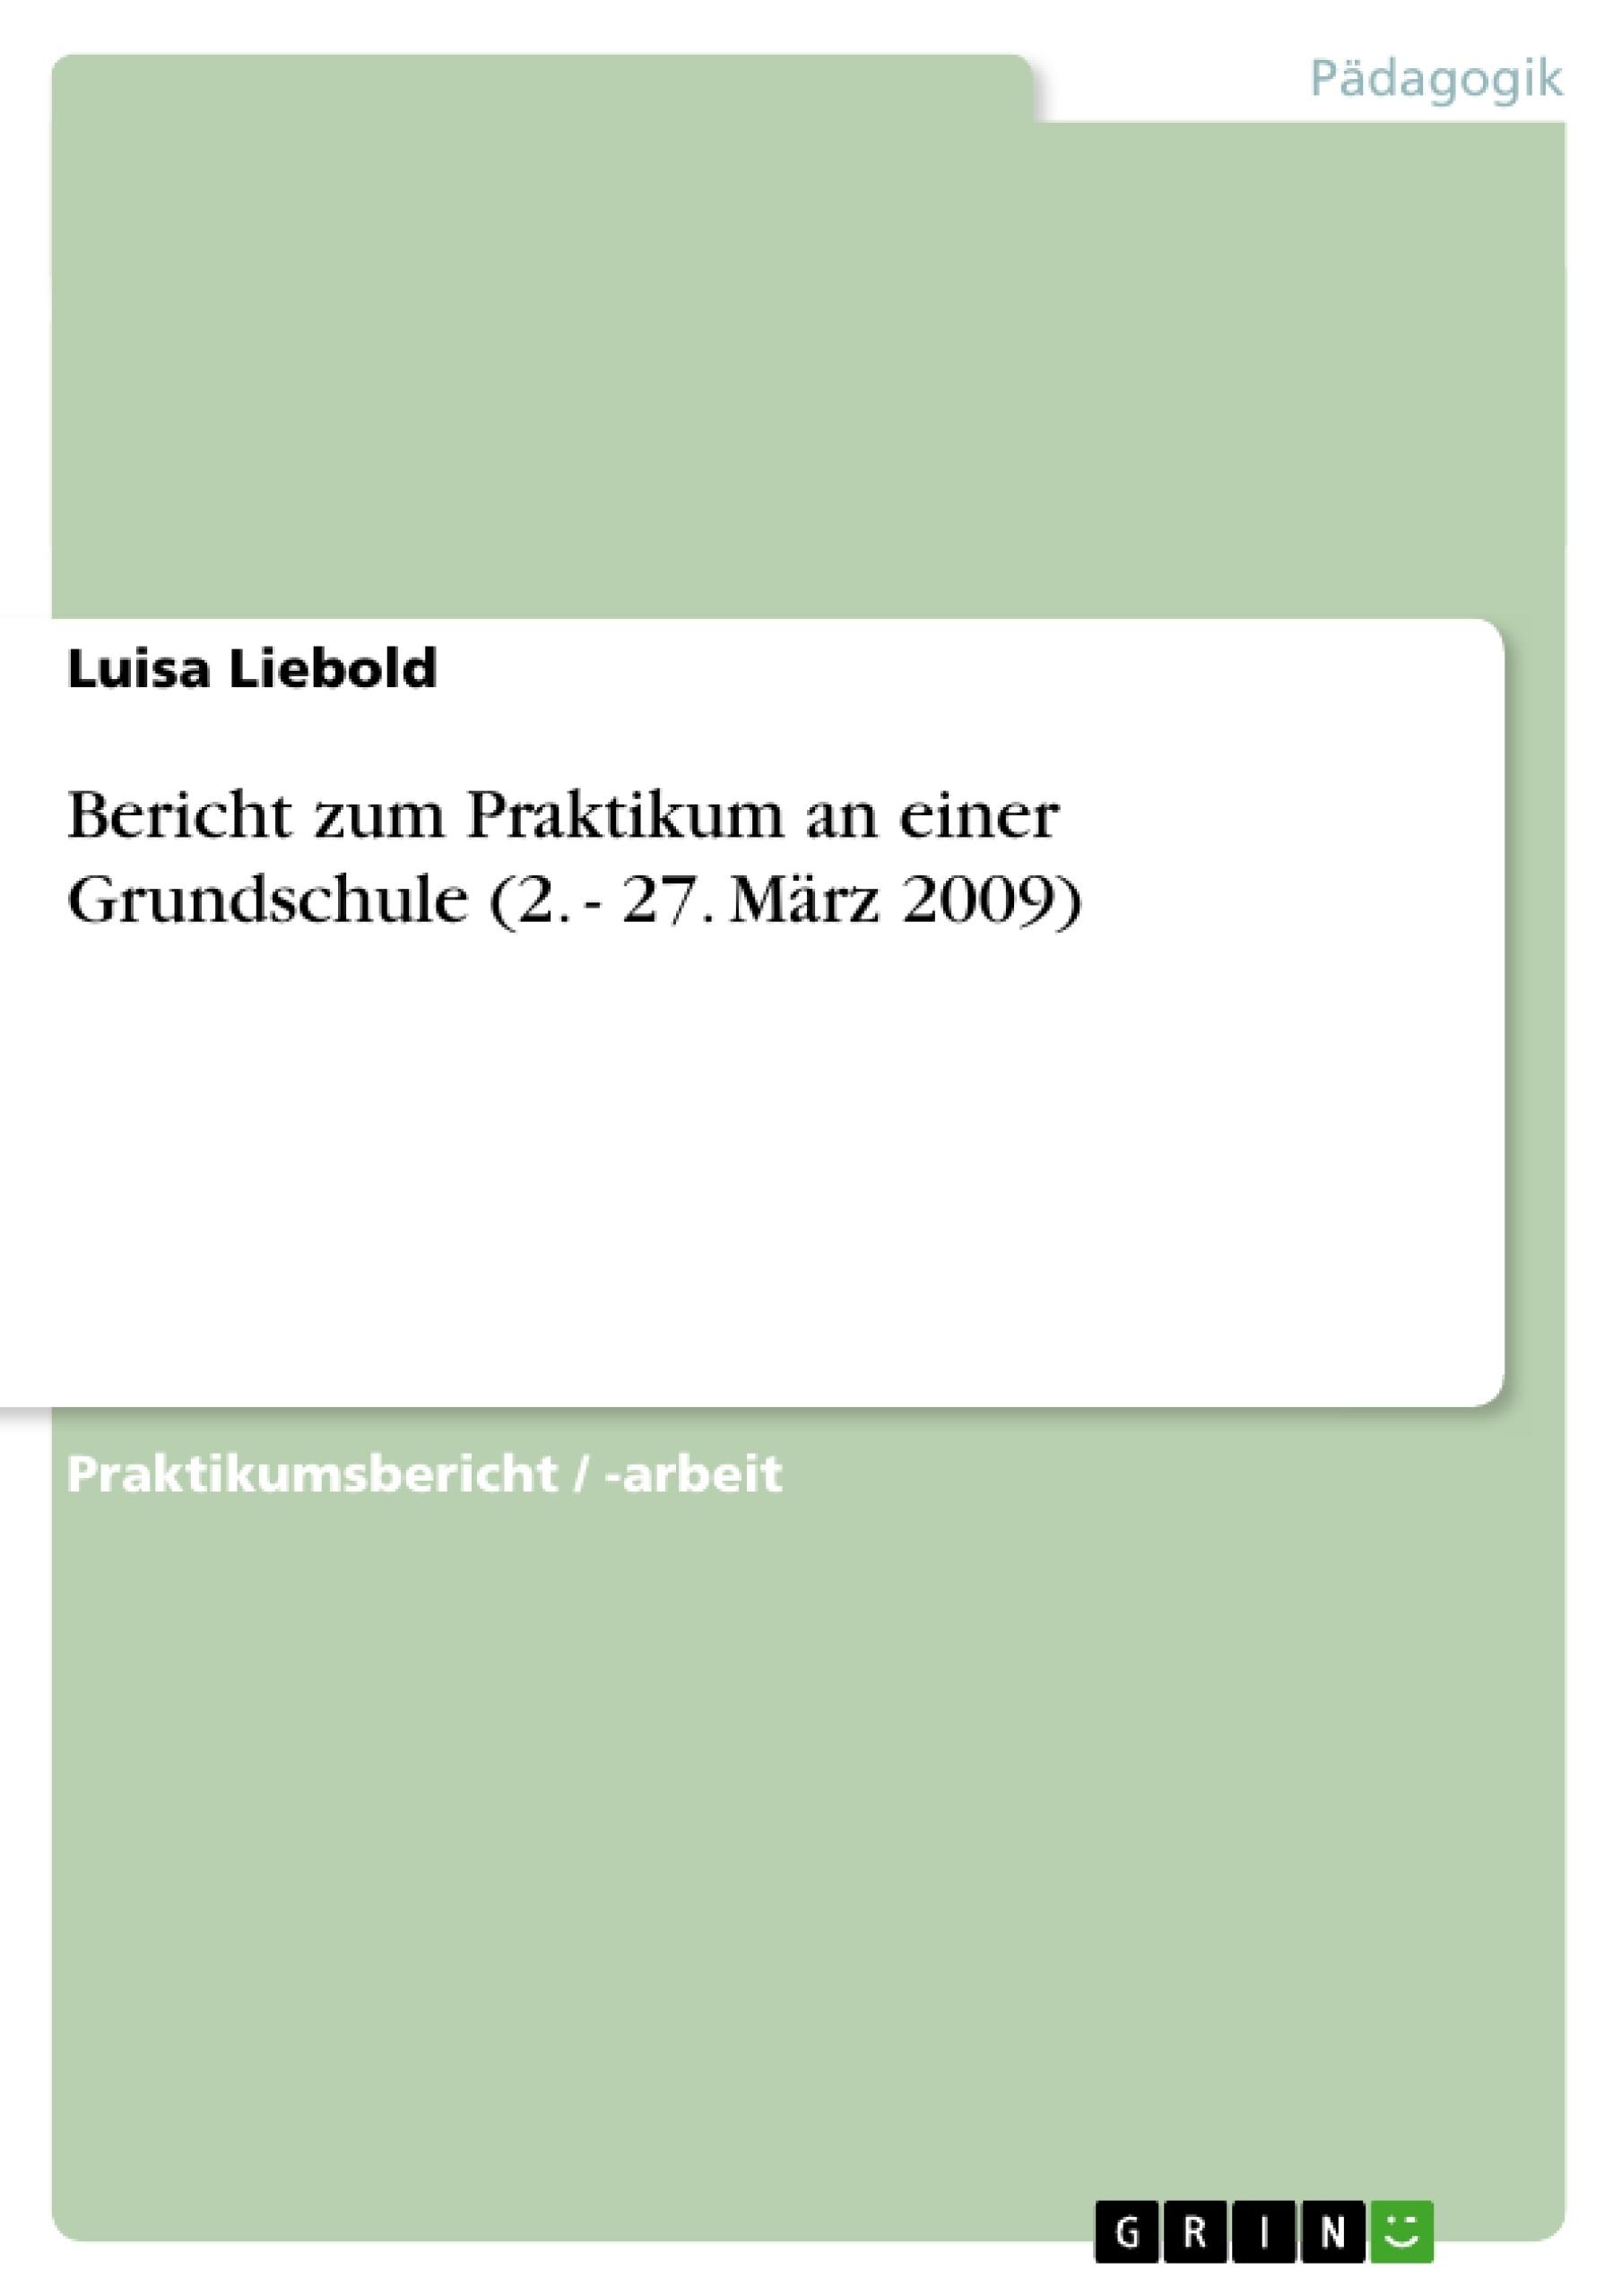 Titel: Bericht zum Praktikum an einer Grundschule (2. - 27. März 2009)